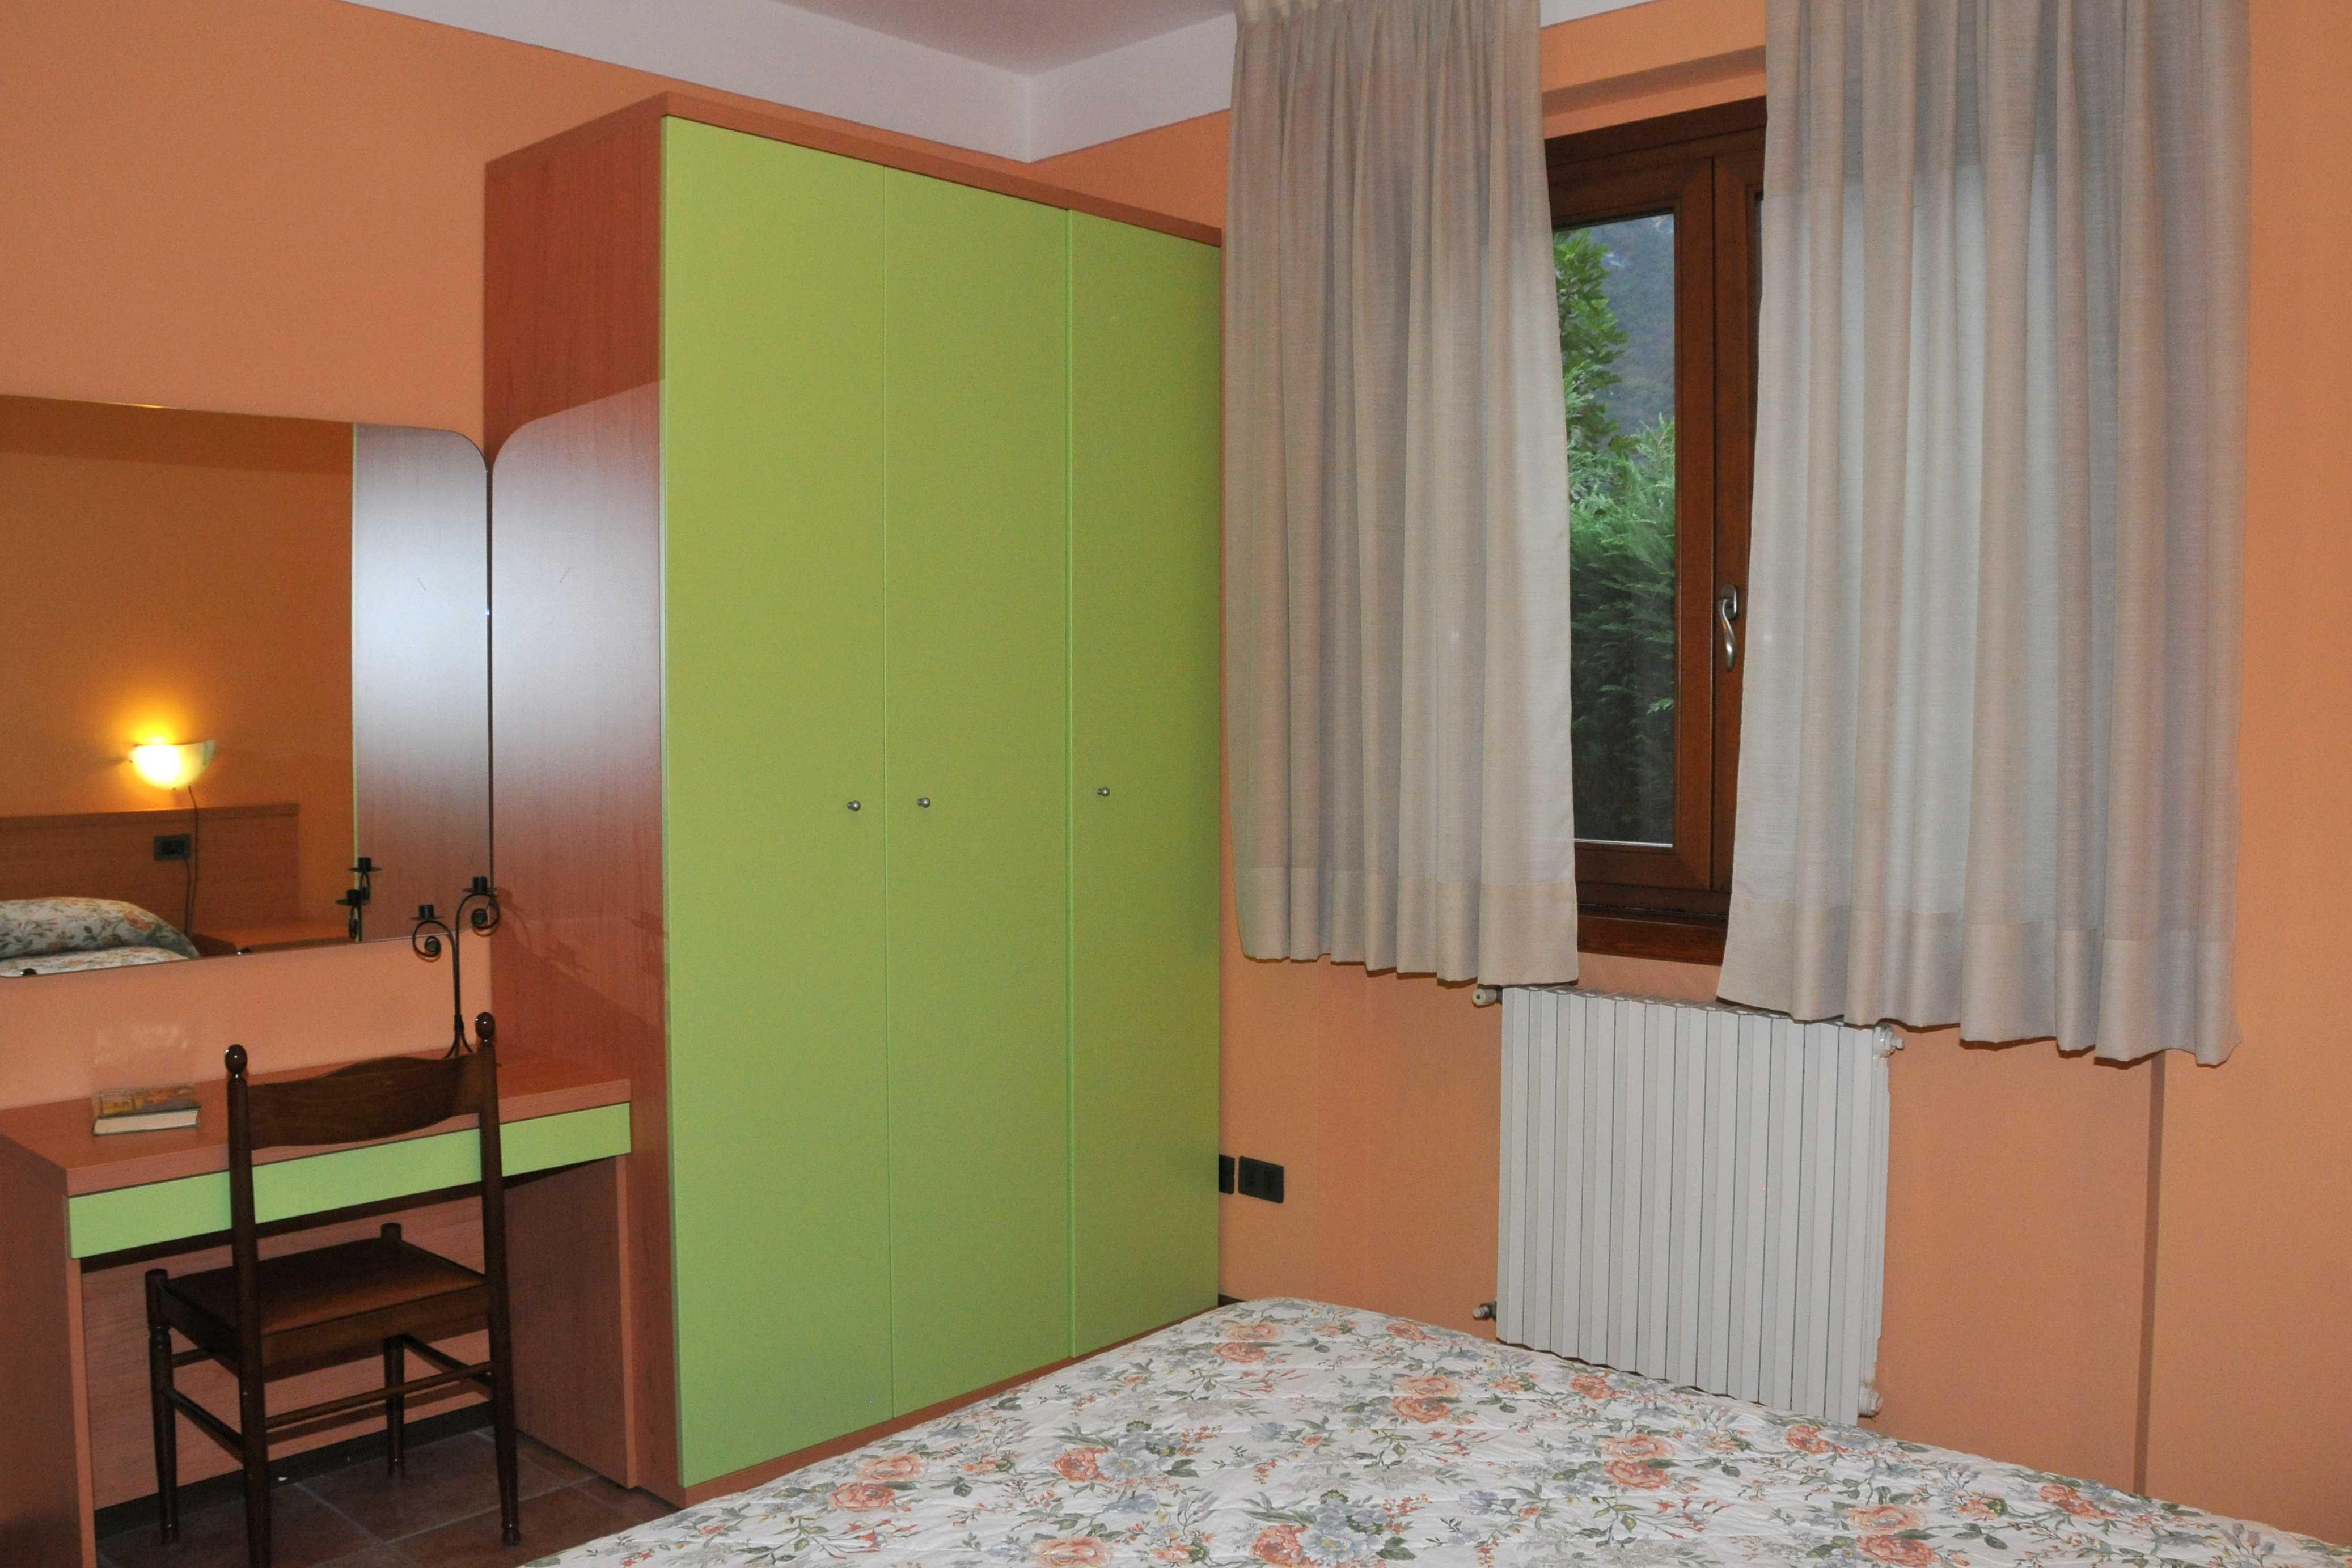 Camera Casa Lucia 2 - lago di Idro - Hotel Alpino